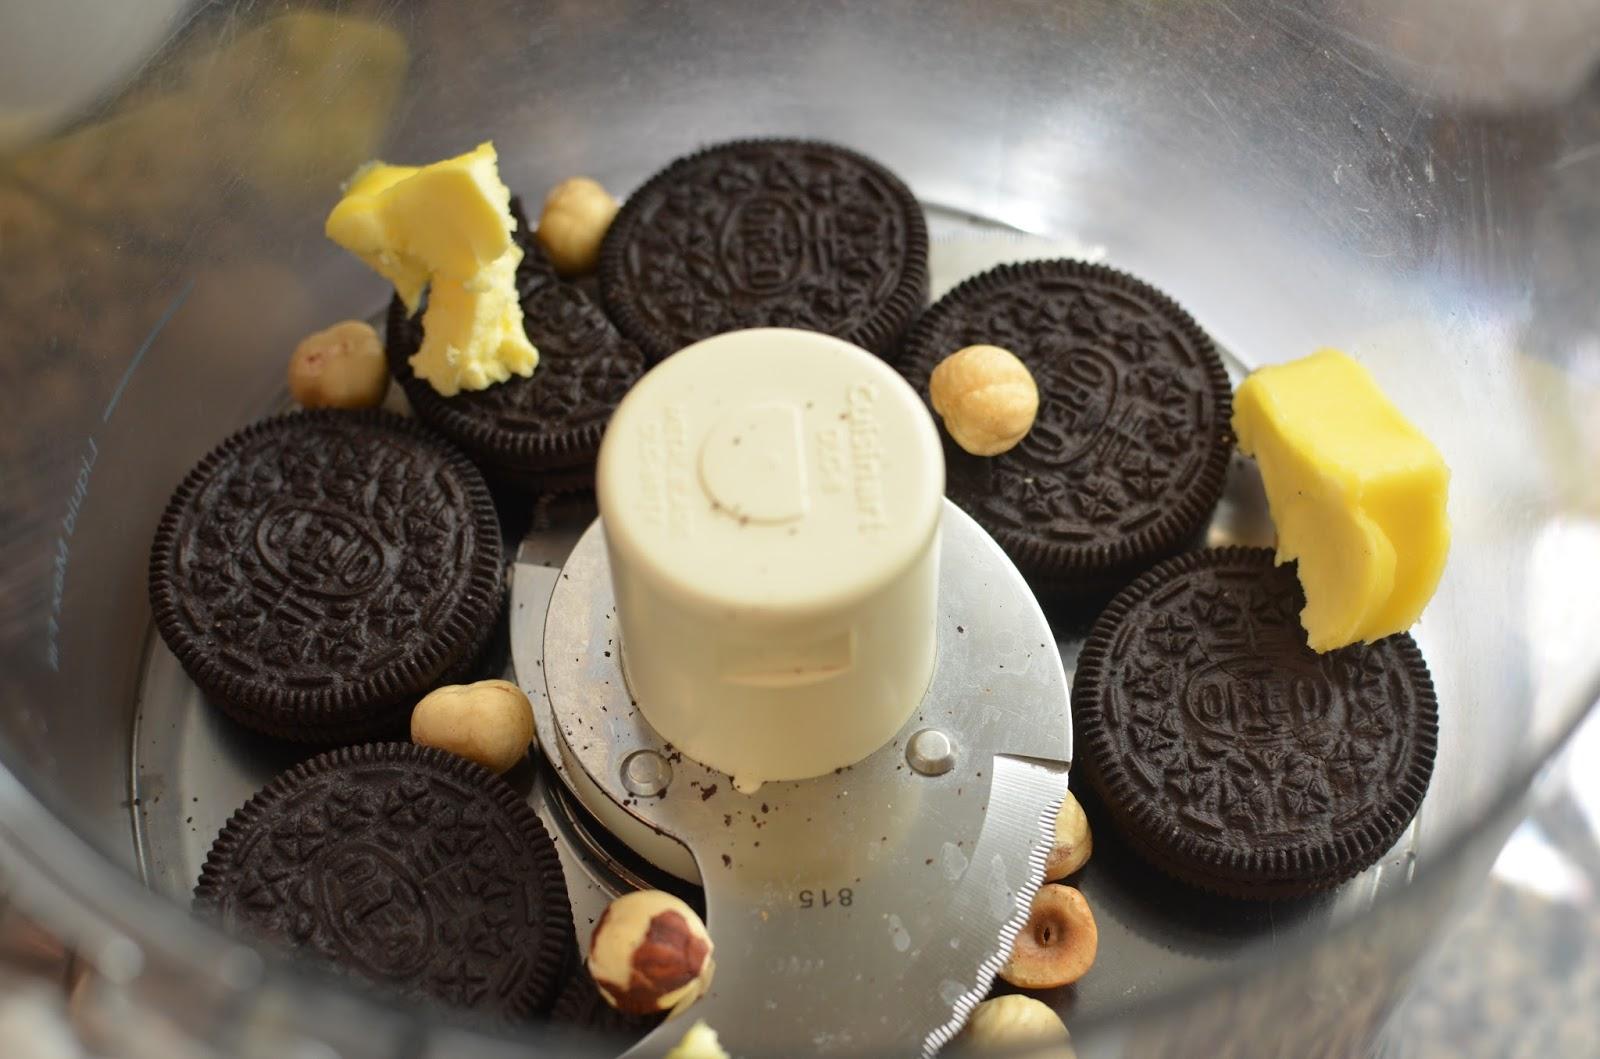 Target Food Processor Tafp Review